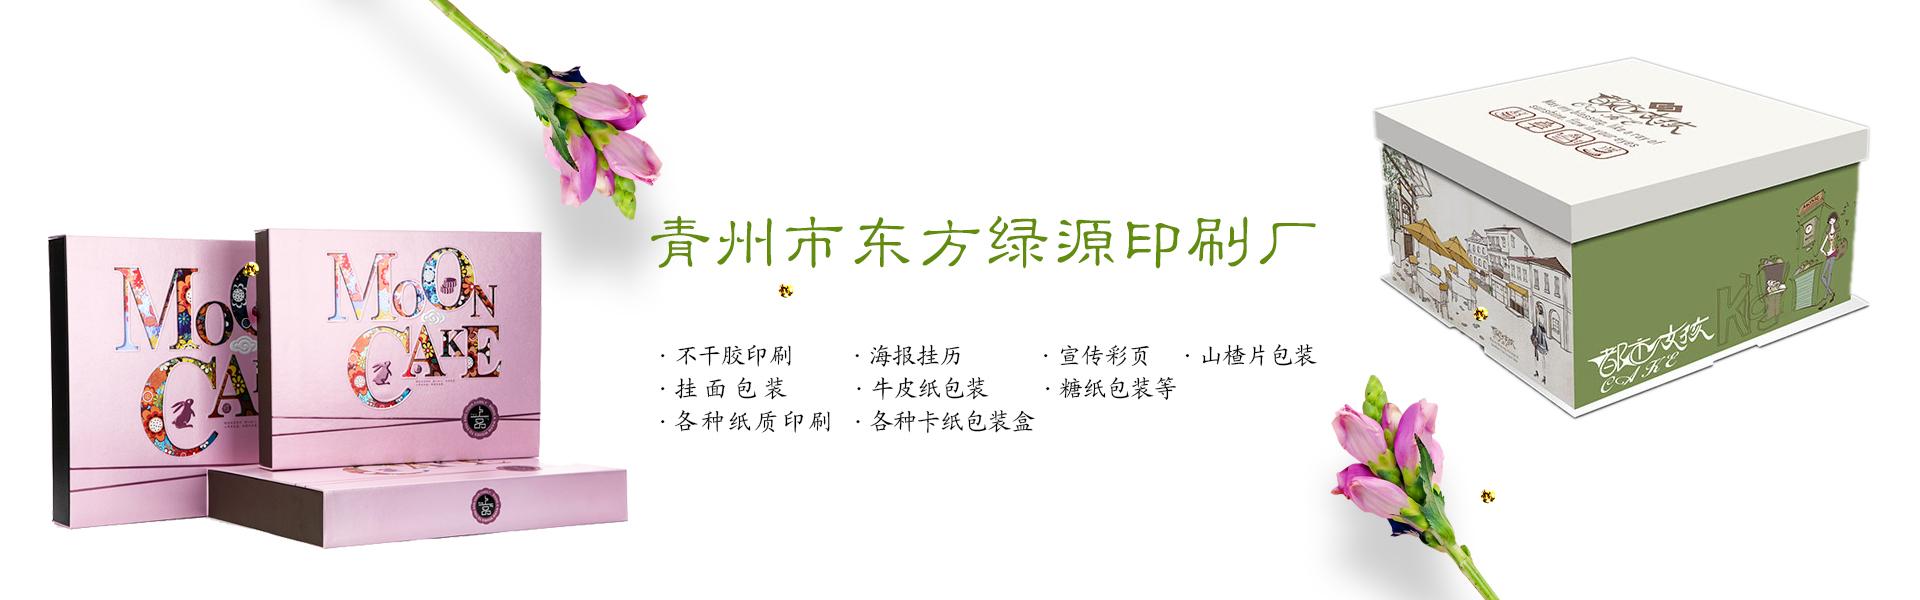 青州山楂片包装_牛皮纸包装_卡纸包装盒_纸盒包装印刷-青州市东方绿源印刷厂